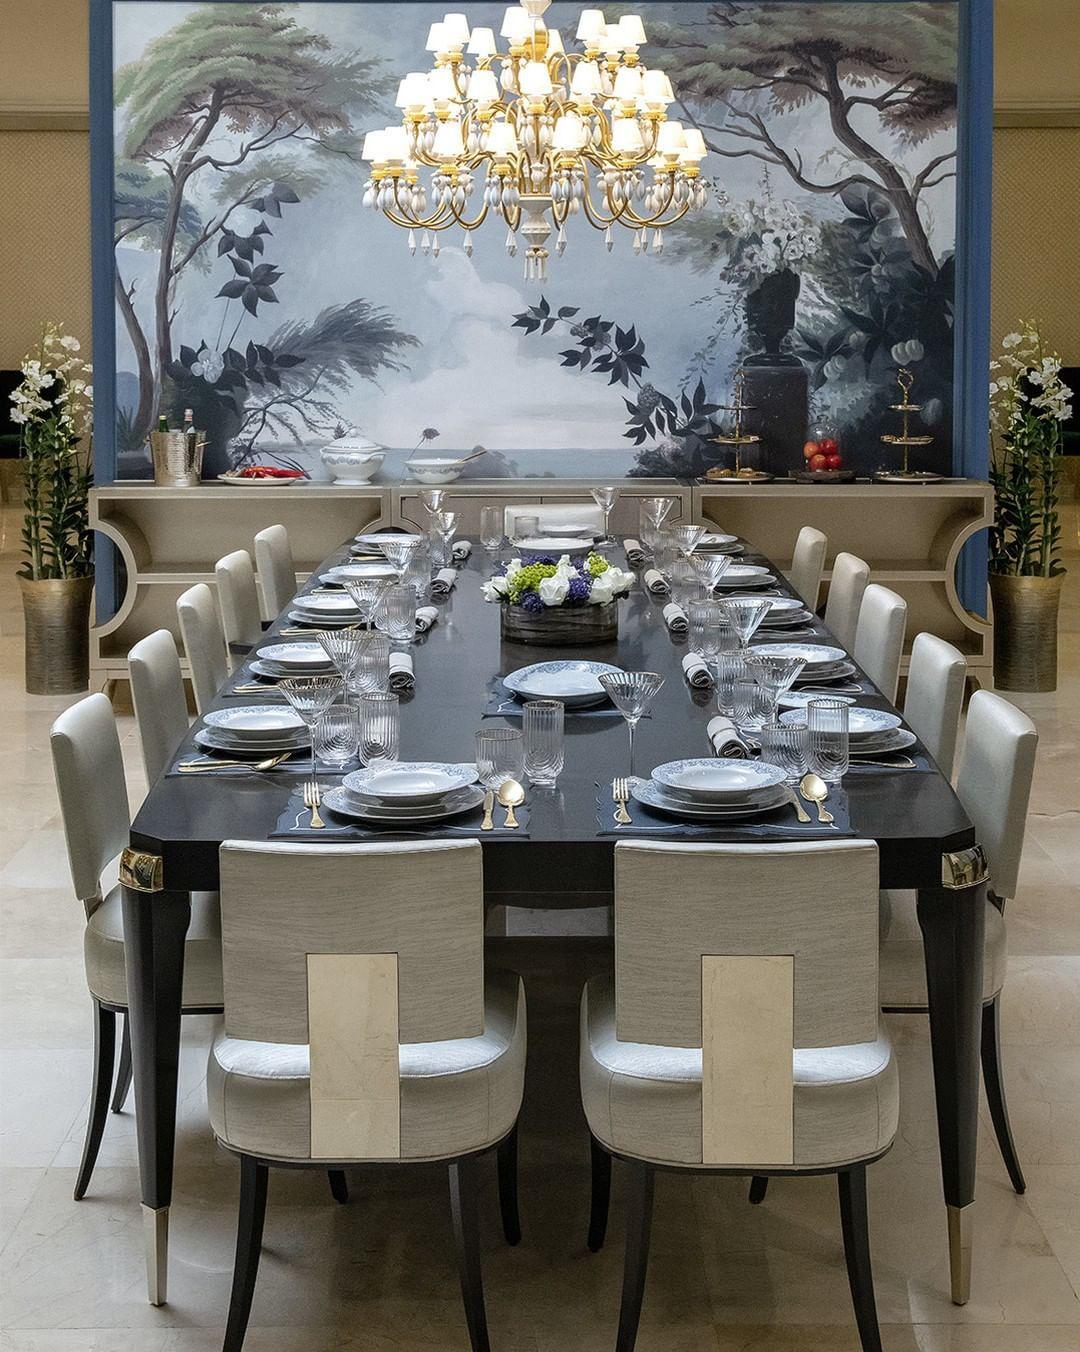 Caracole Qatar On Instagram كاراكول يجلب روعة الأثاث الأمريكي التقليدي رفاعة المستوى البراعة Modern Home Furniture Extension Dining Table Furniture Design